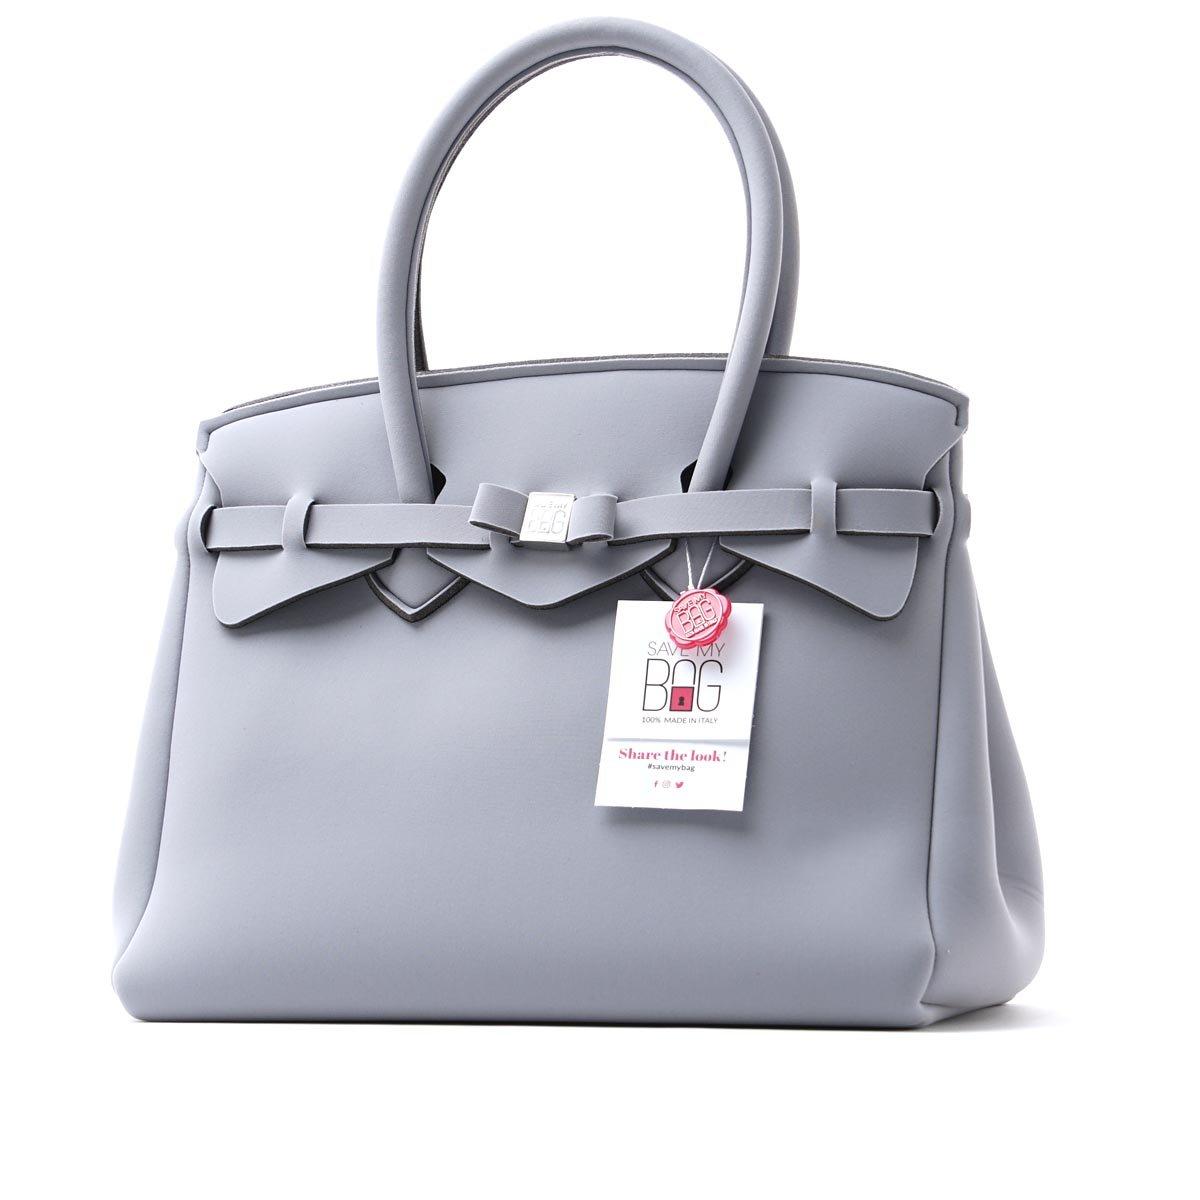 (セーブ マイ バッグ) SAVE MY BAG ハンドバッグ/MISS LYCRA ミス [並行輸入品] B074JYDVT1 Free|VAPORE VAPORE Free